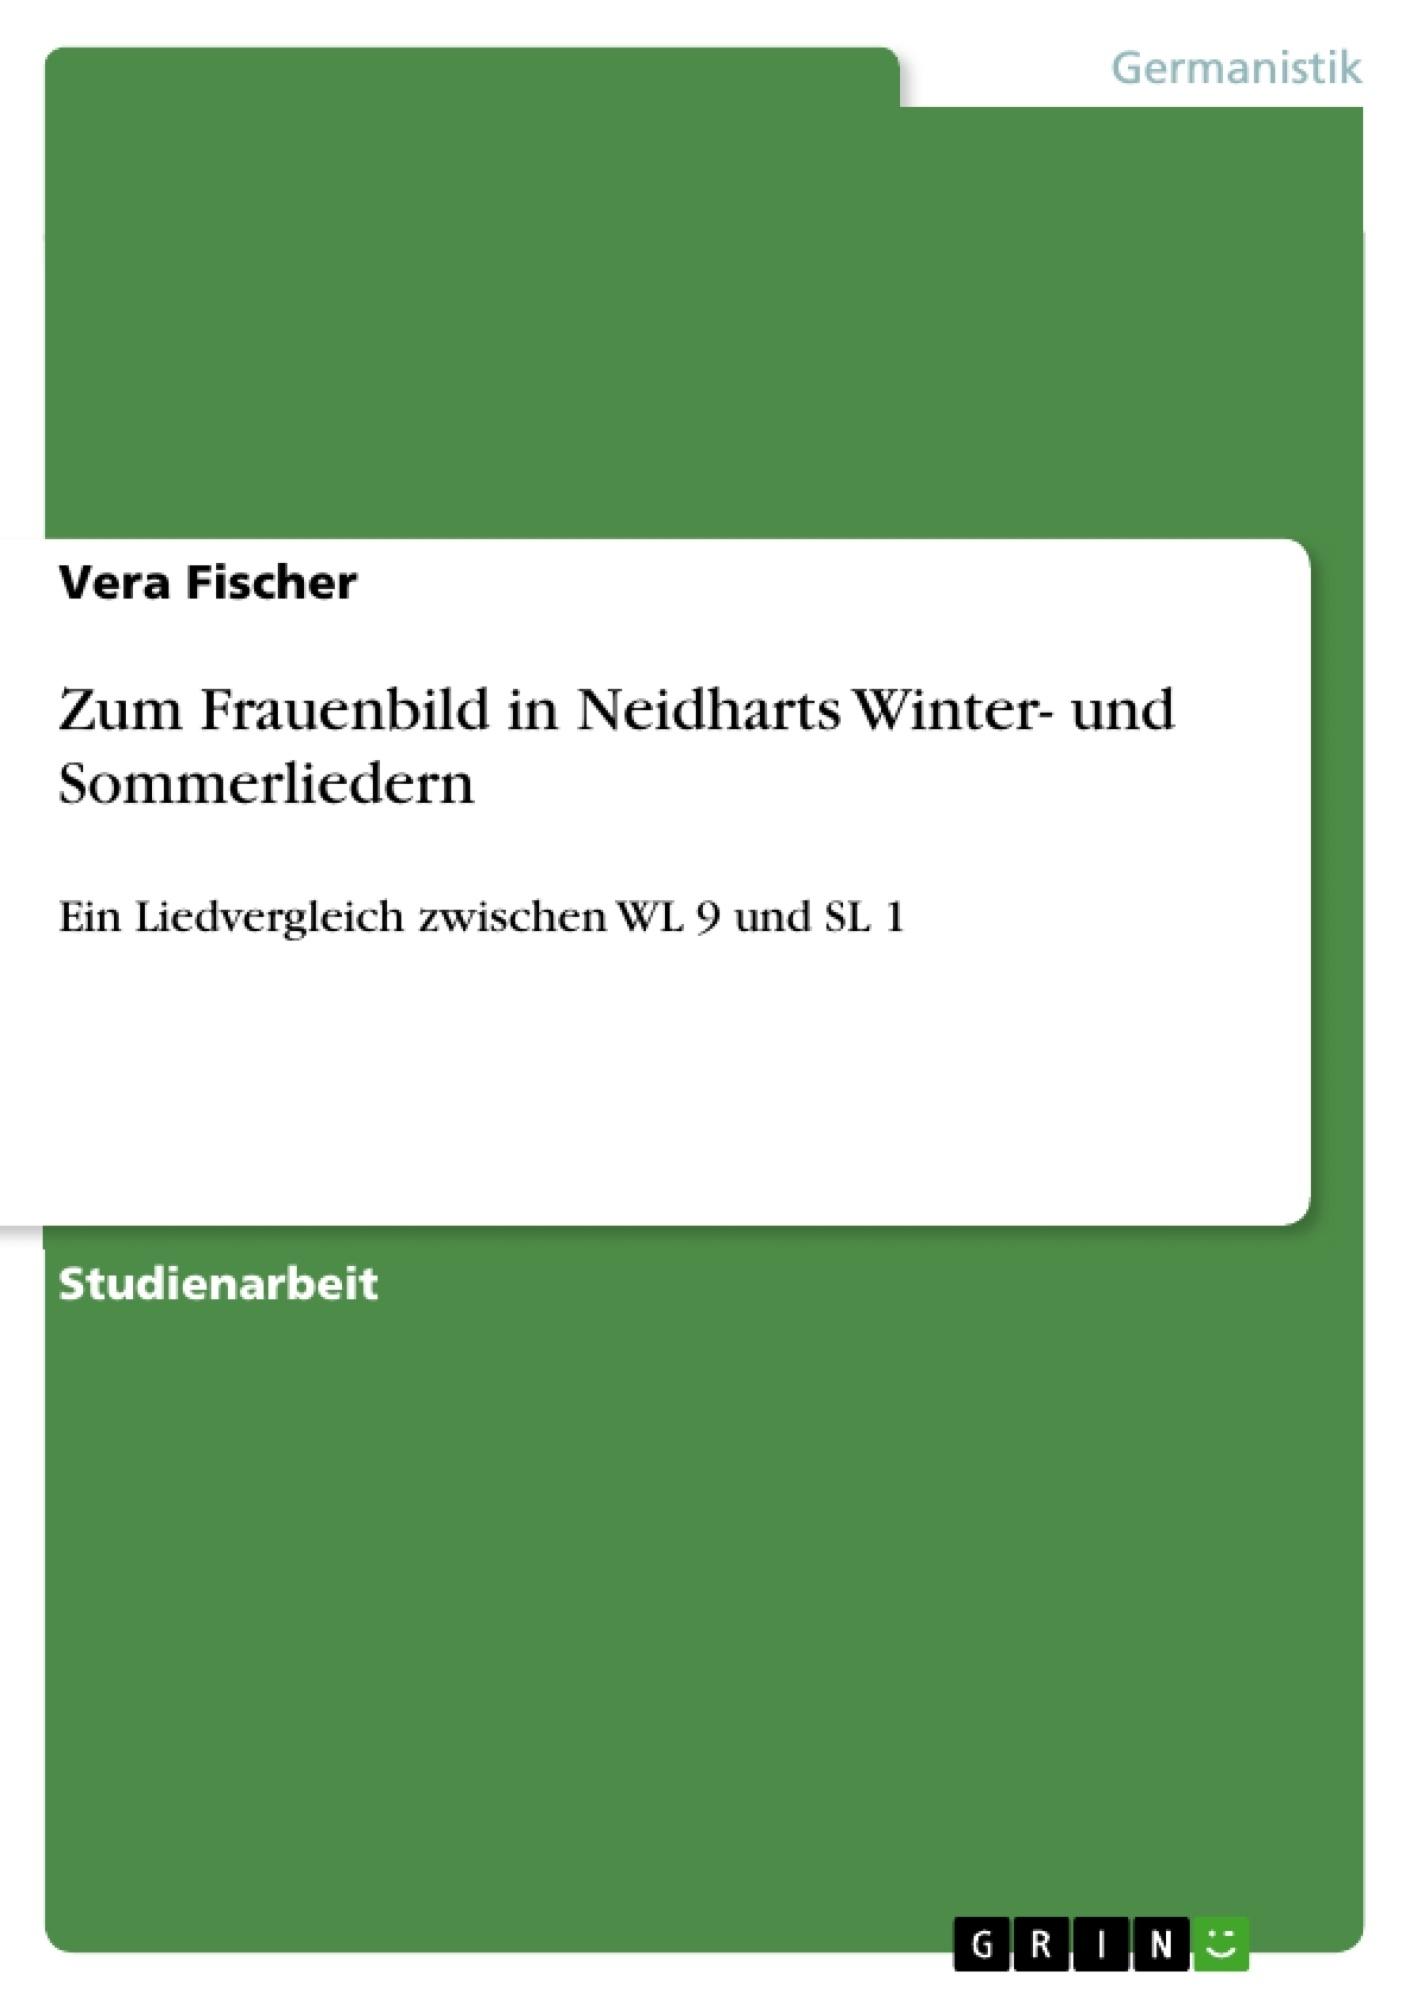 Titel: Zum Frauenbild in Neidharts Winter- und Sommerliedern